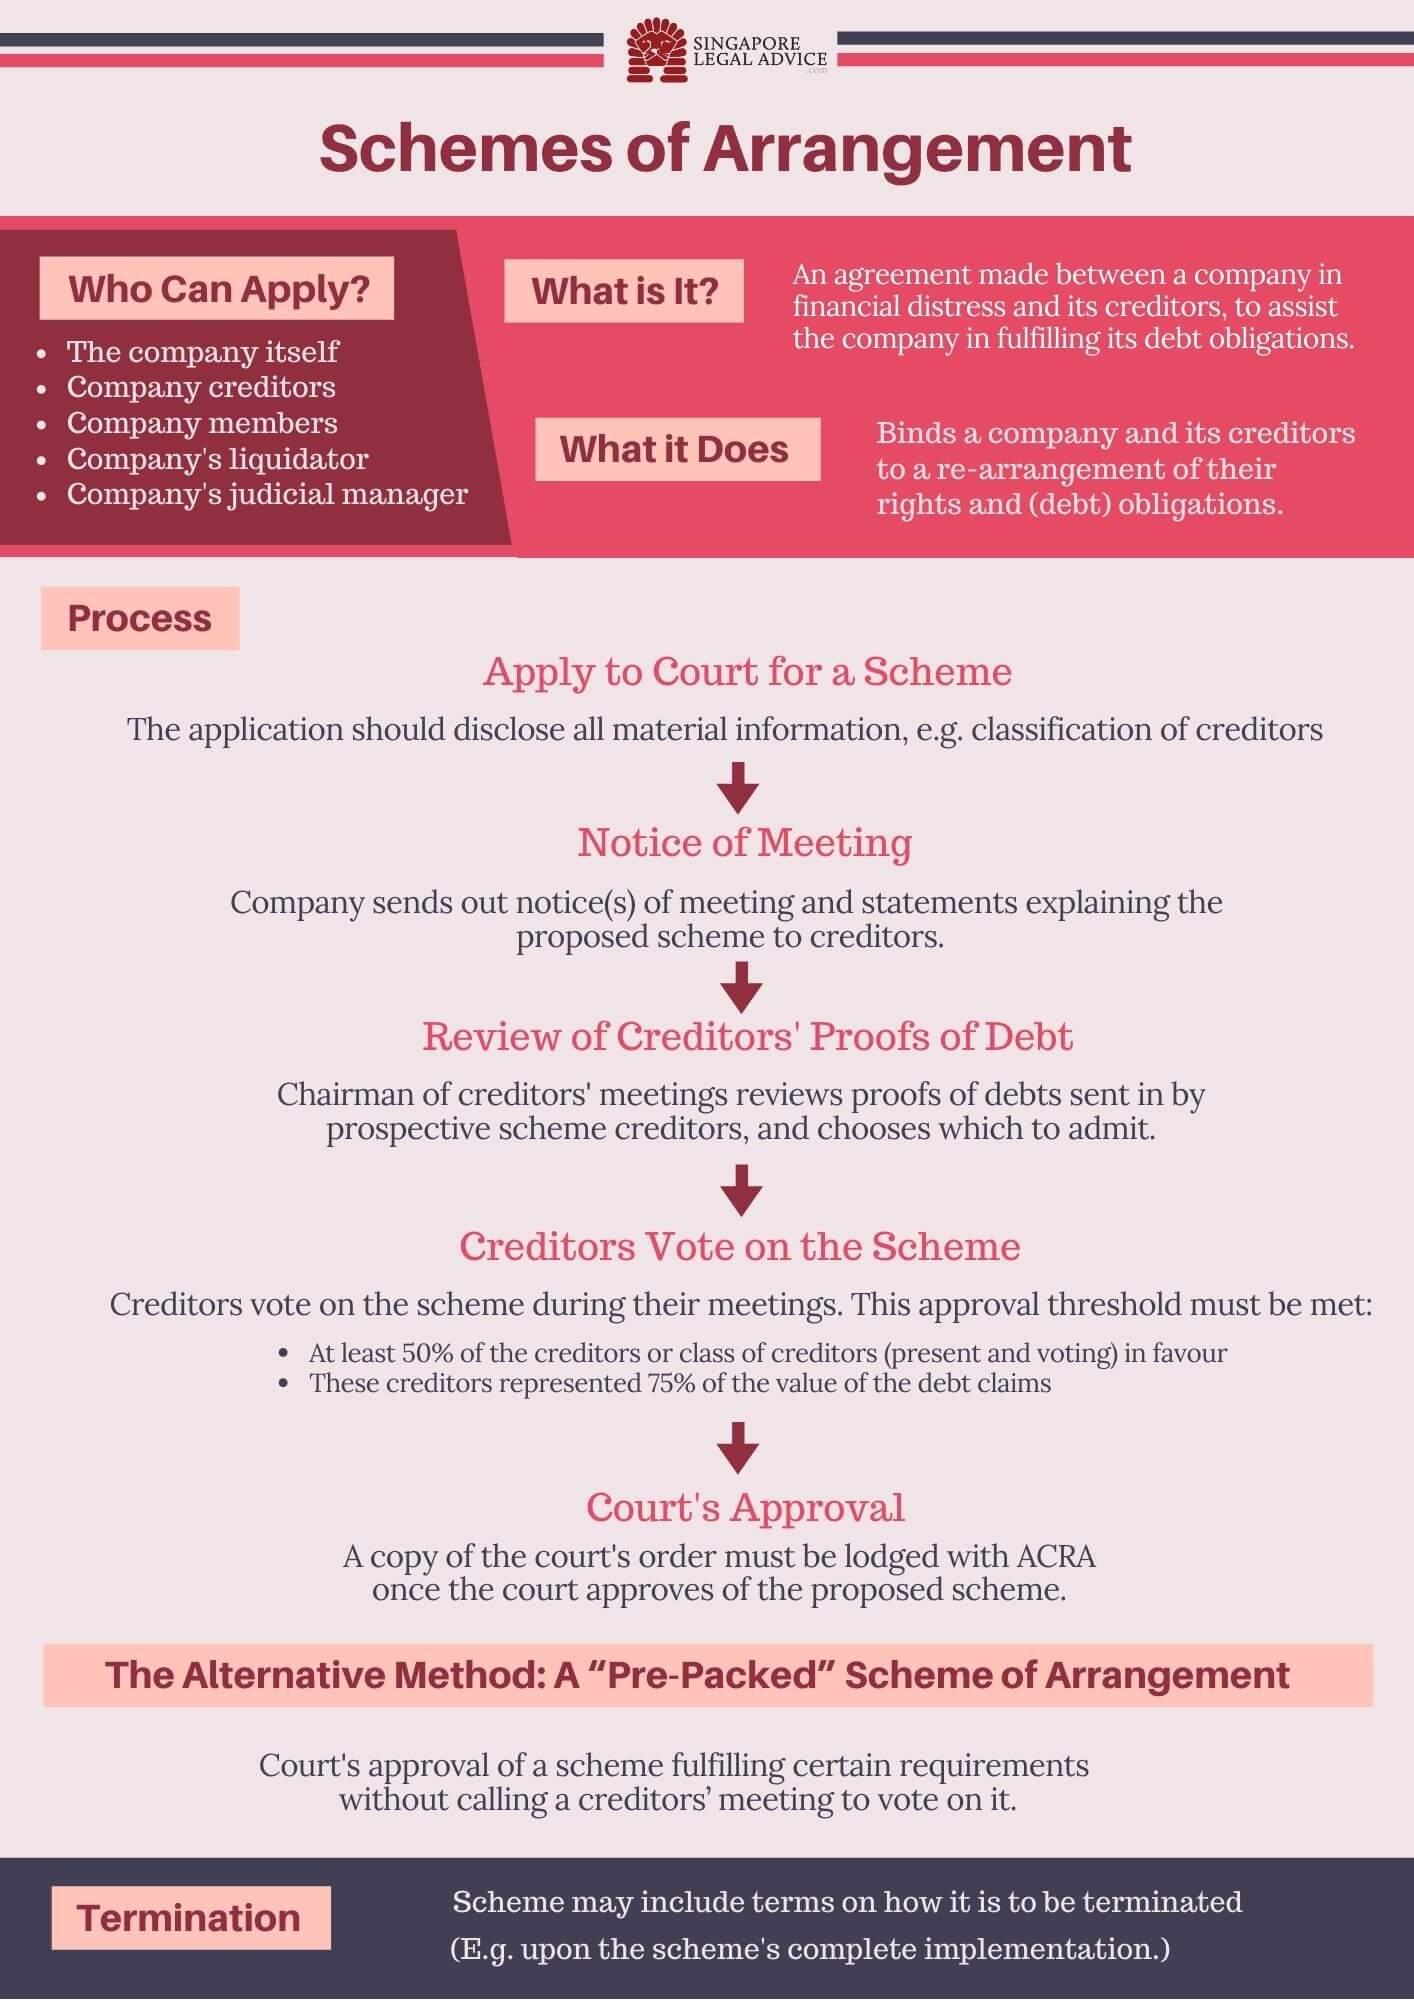 scheme of aarrangement infographic